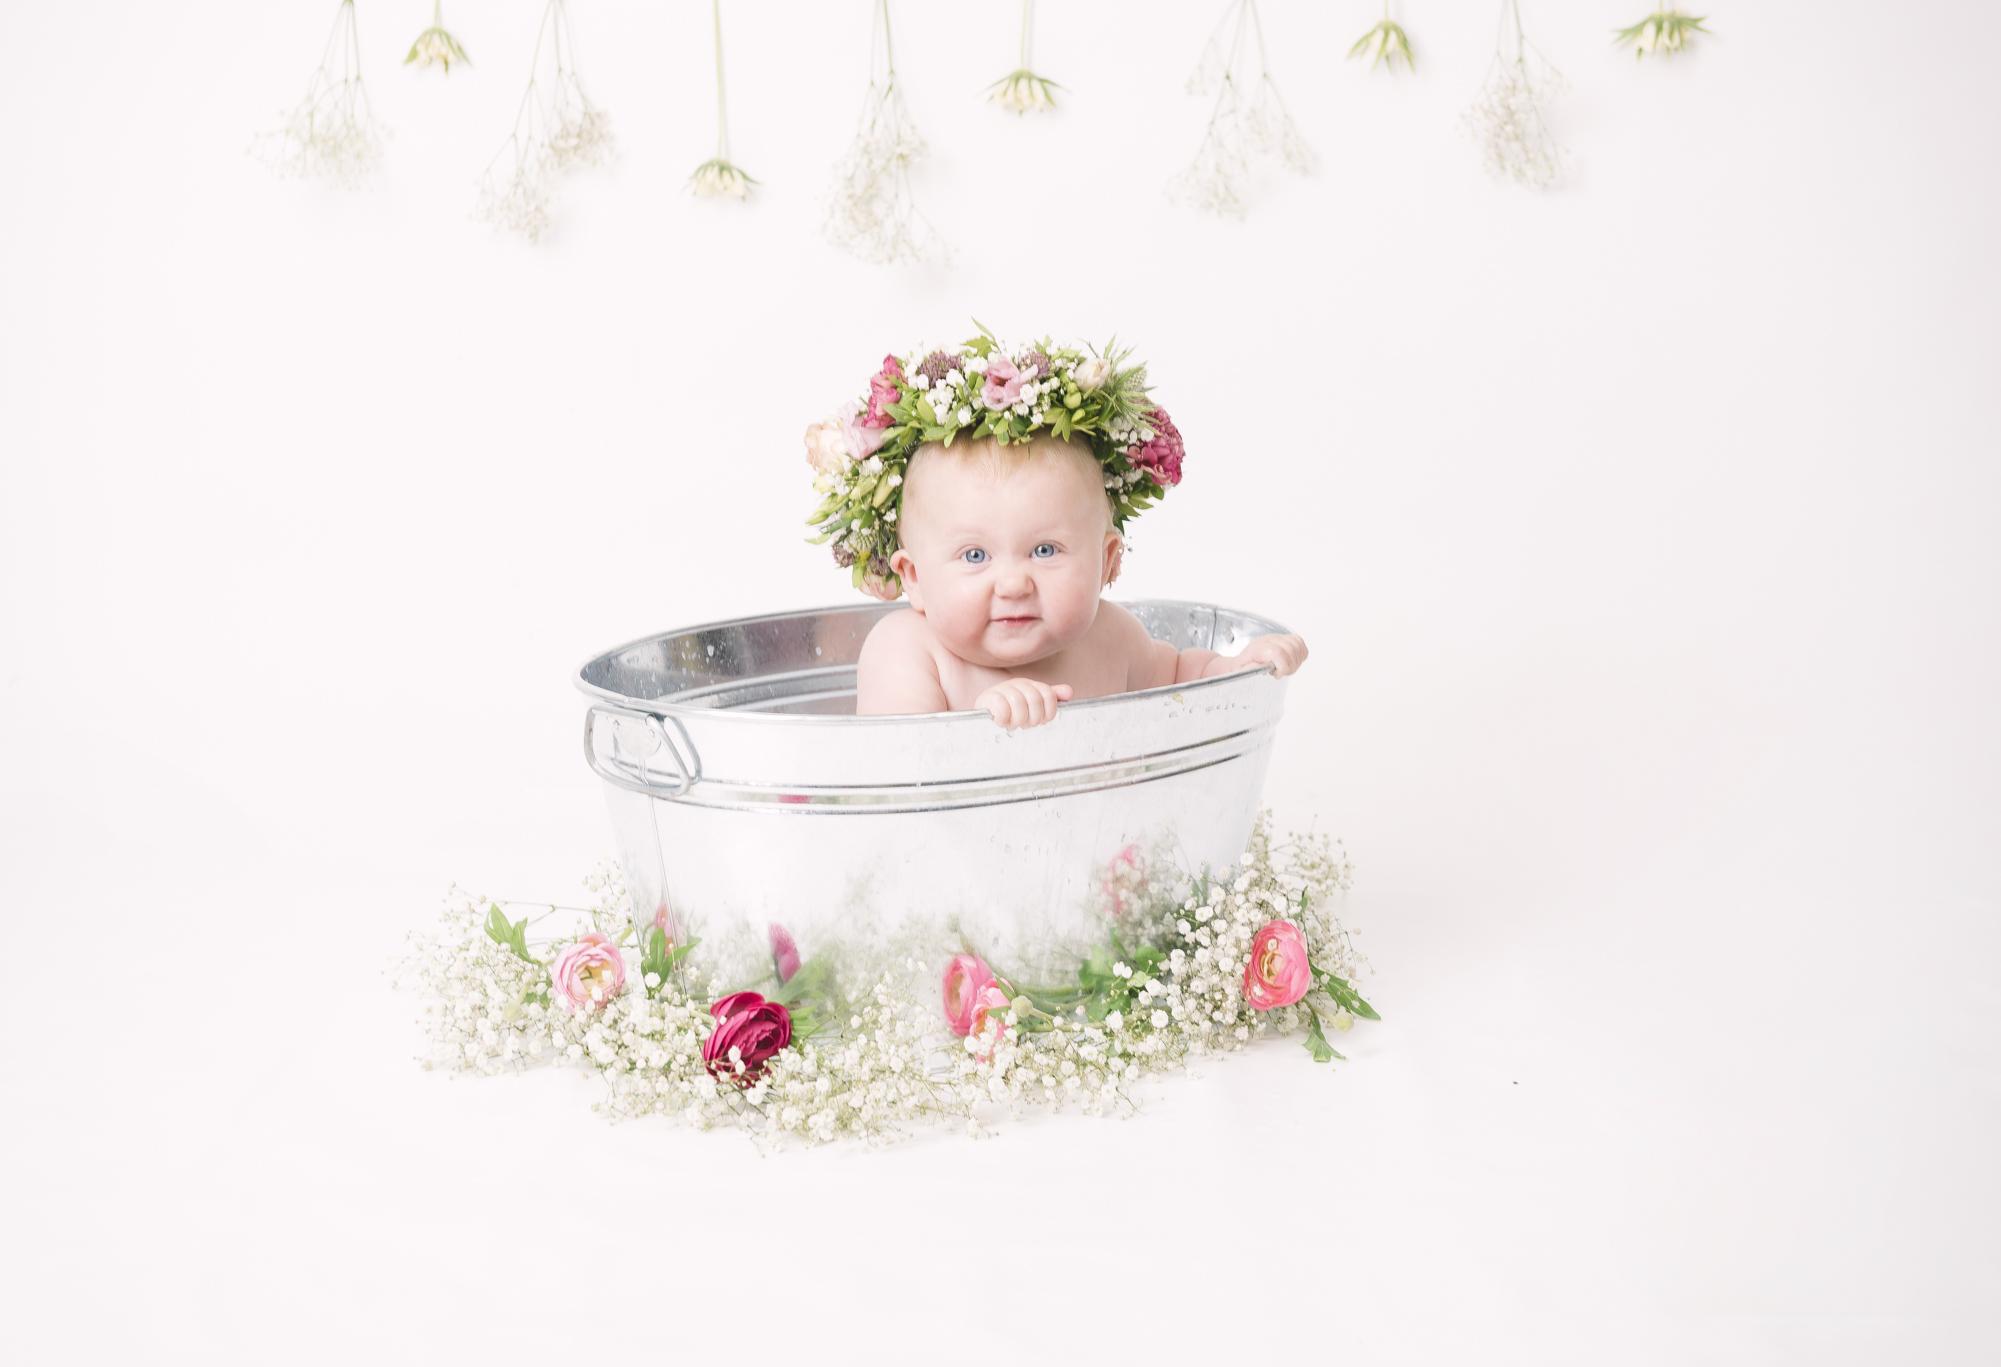 Mjölkbadsfotografering med blomsterkrans